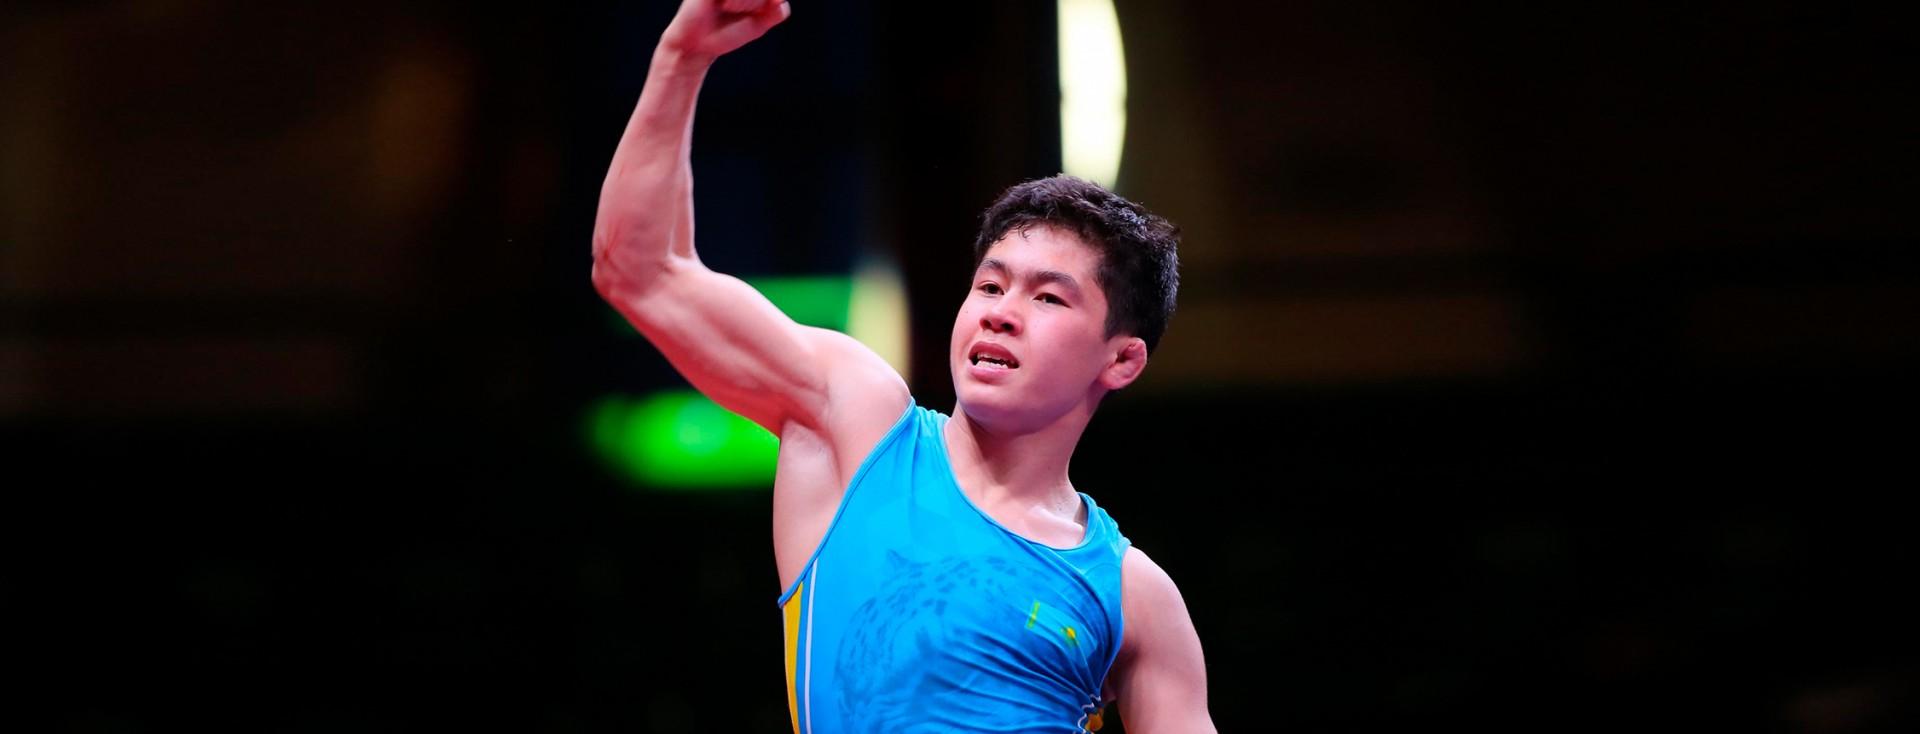 Чемпионат мира по борьбе в 2019 году пройдет в Астане, Чемпионат мира, Борьба, Астана